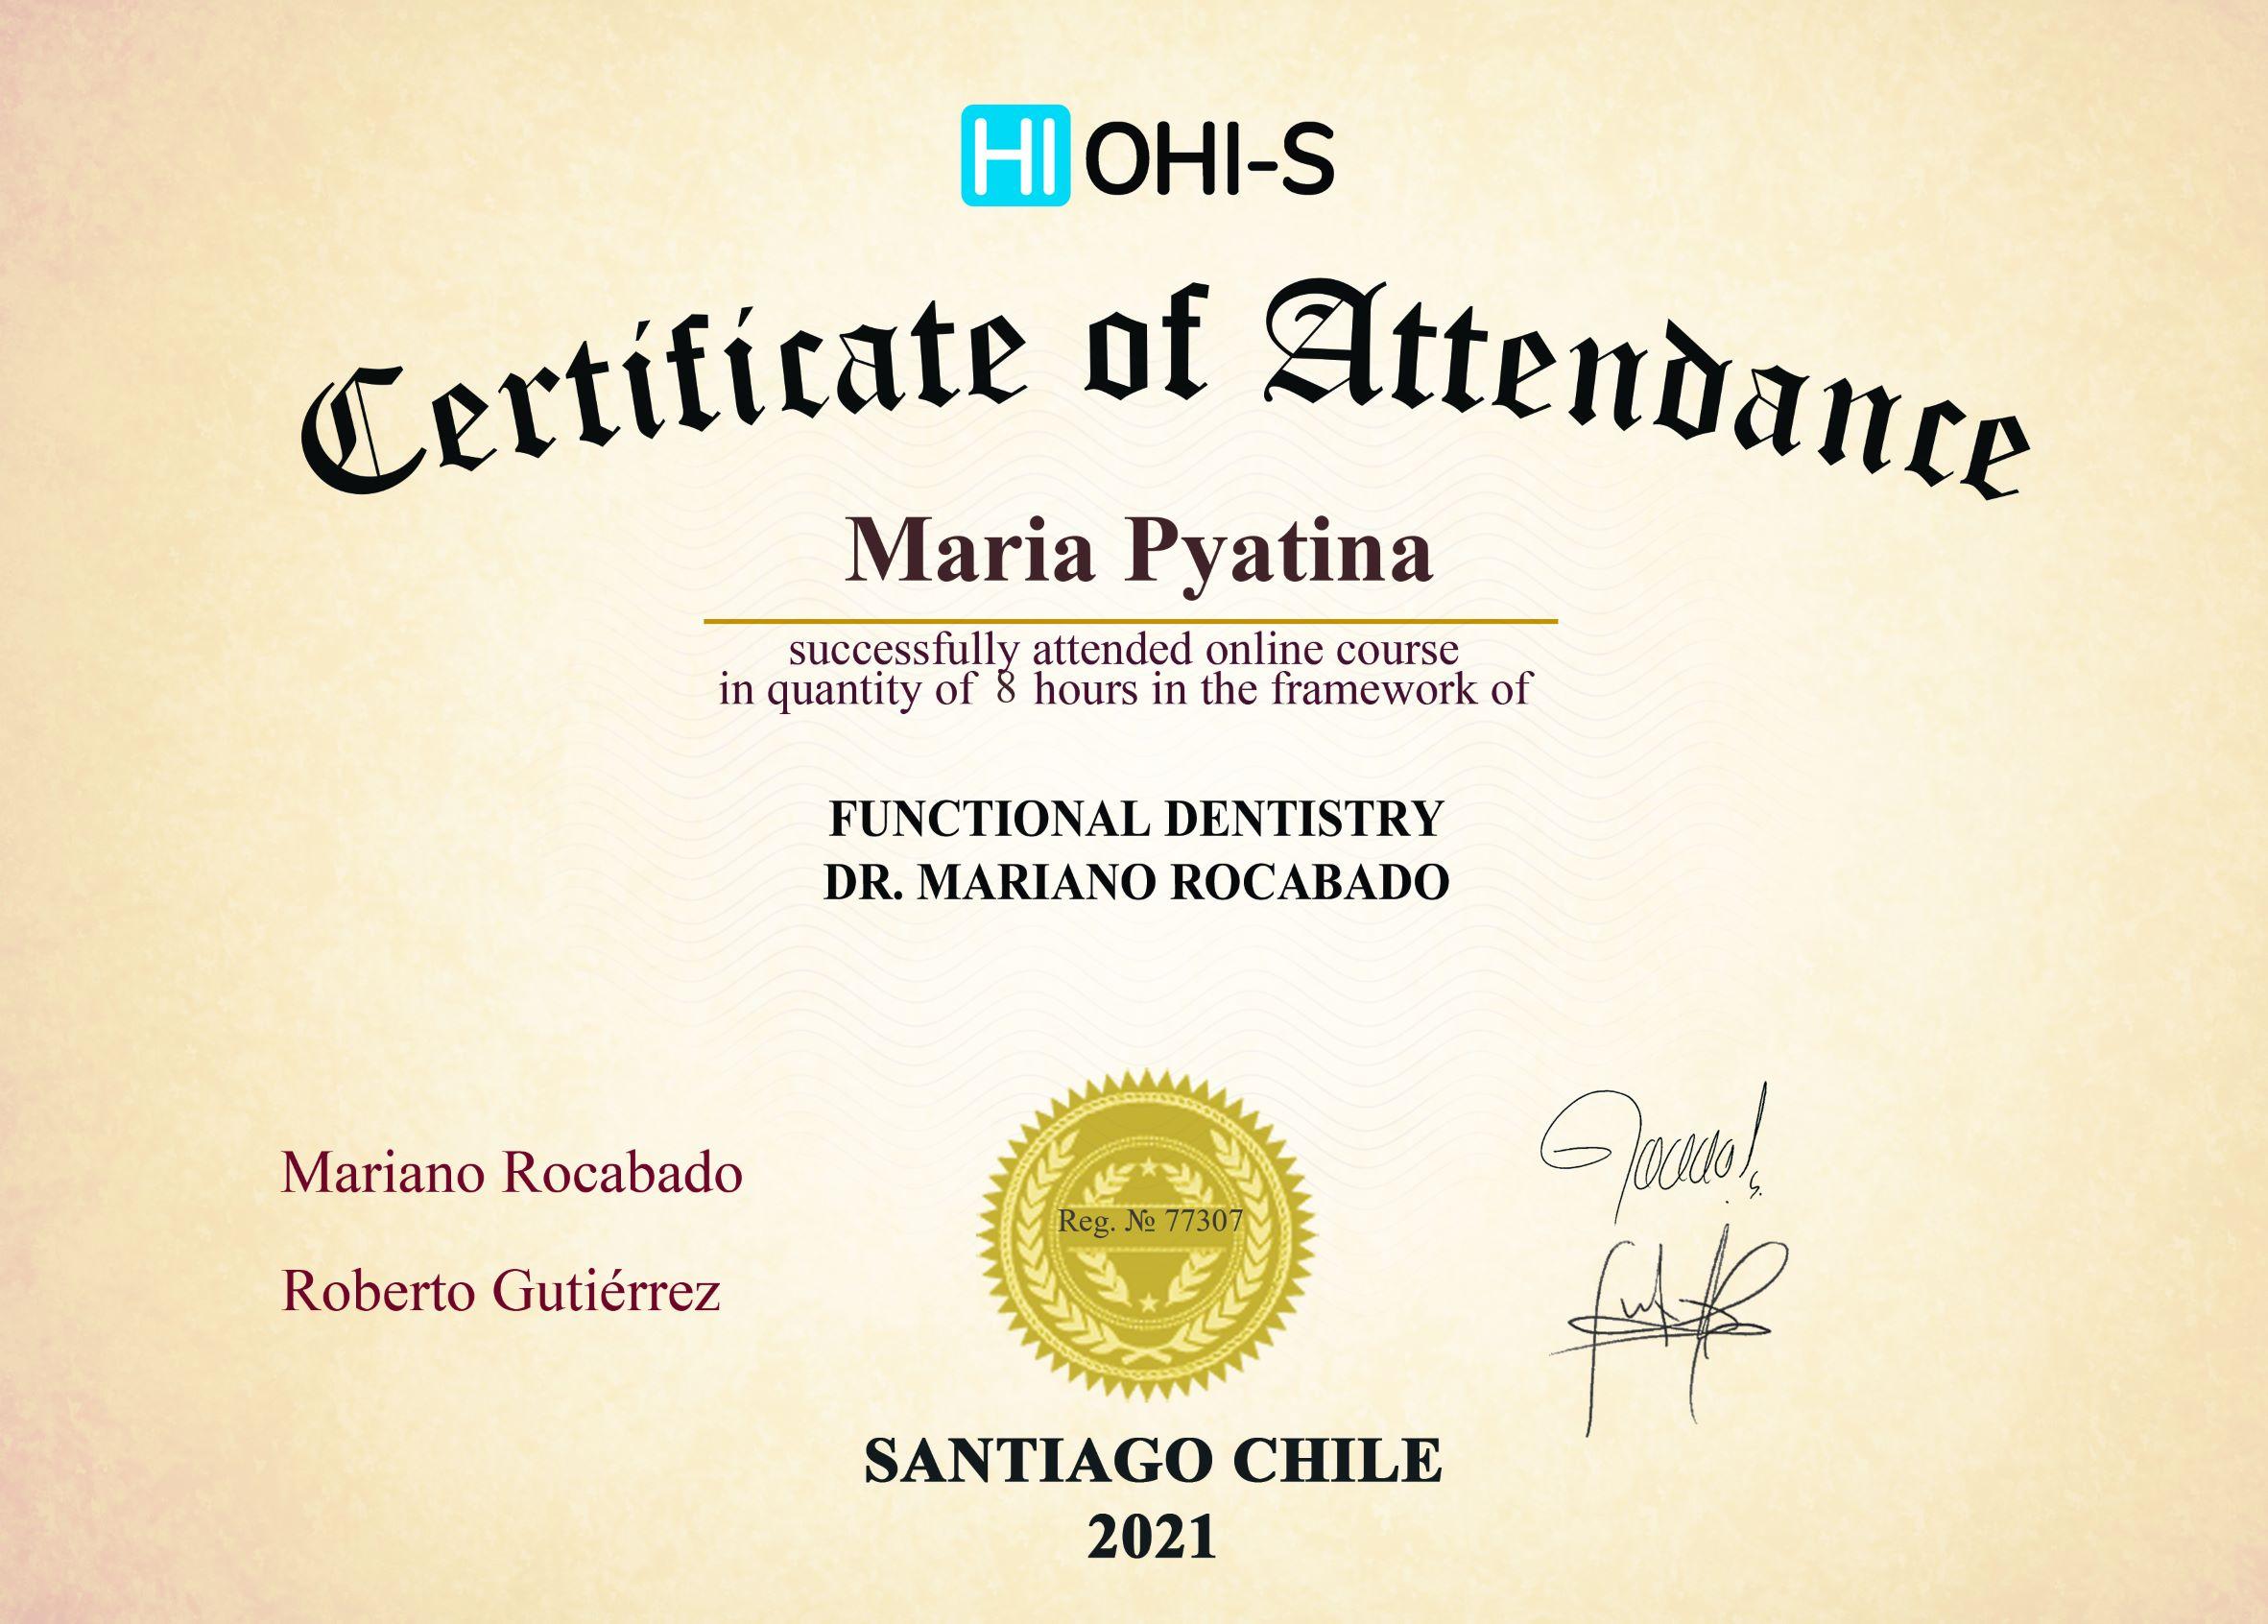 2021, HI OHI-S, Santiago Chile